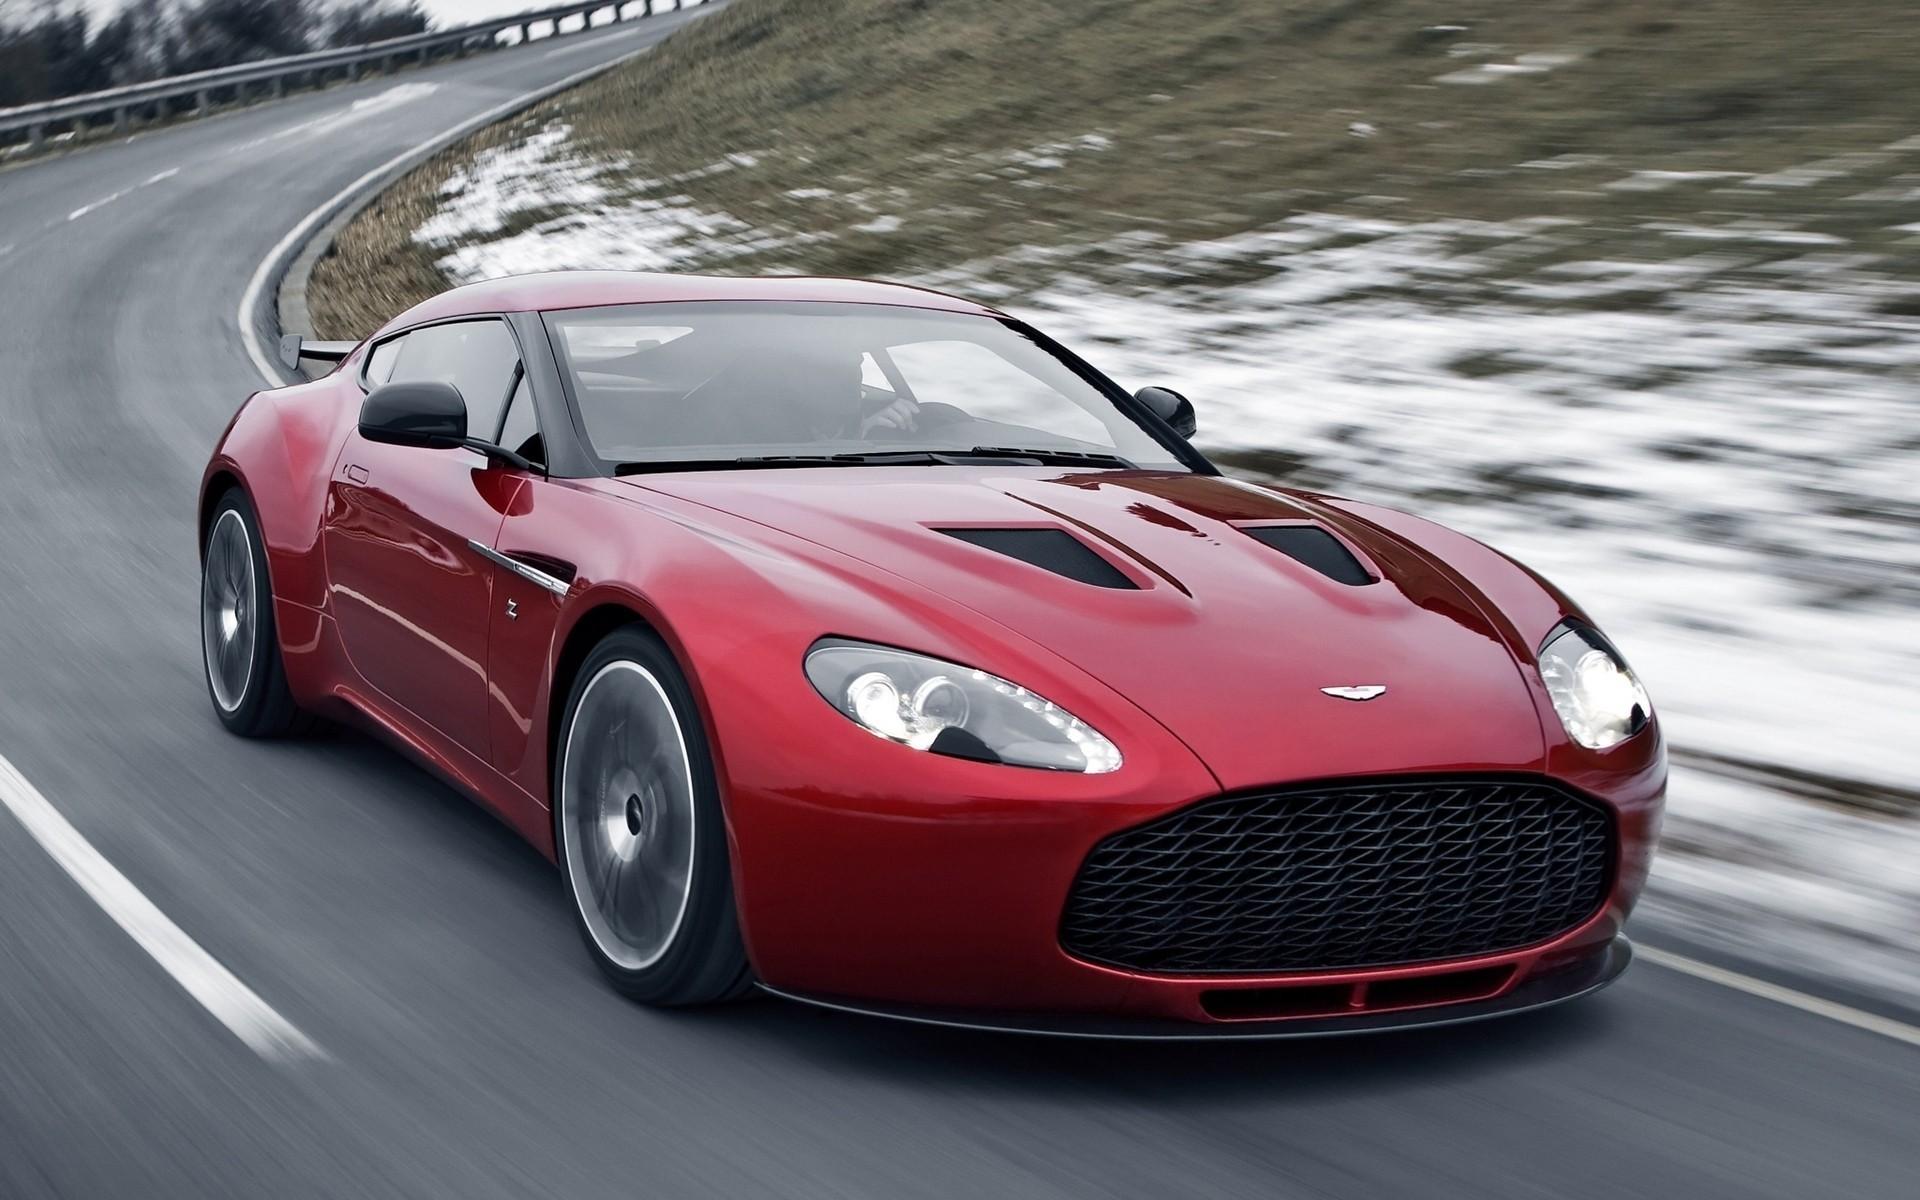 Aston Martin To Report Inaugural Post Ipo Results Accendo Markets